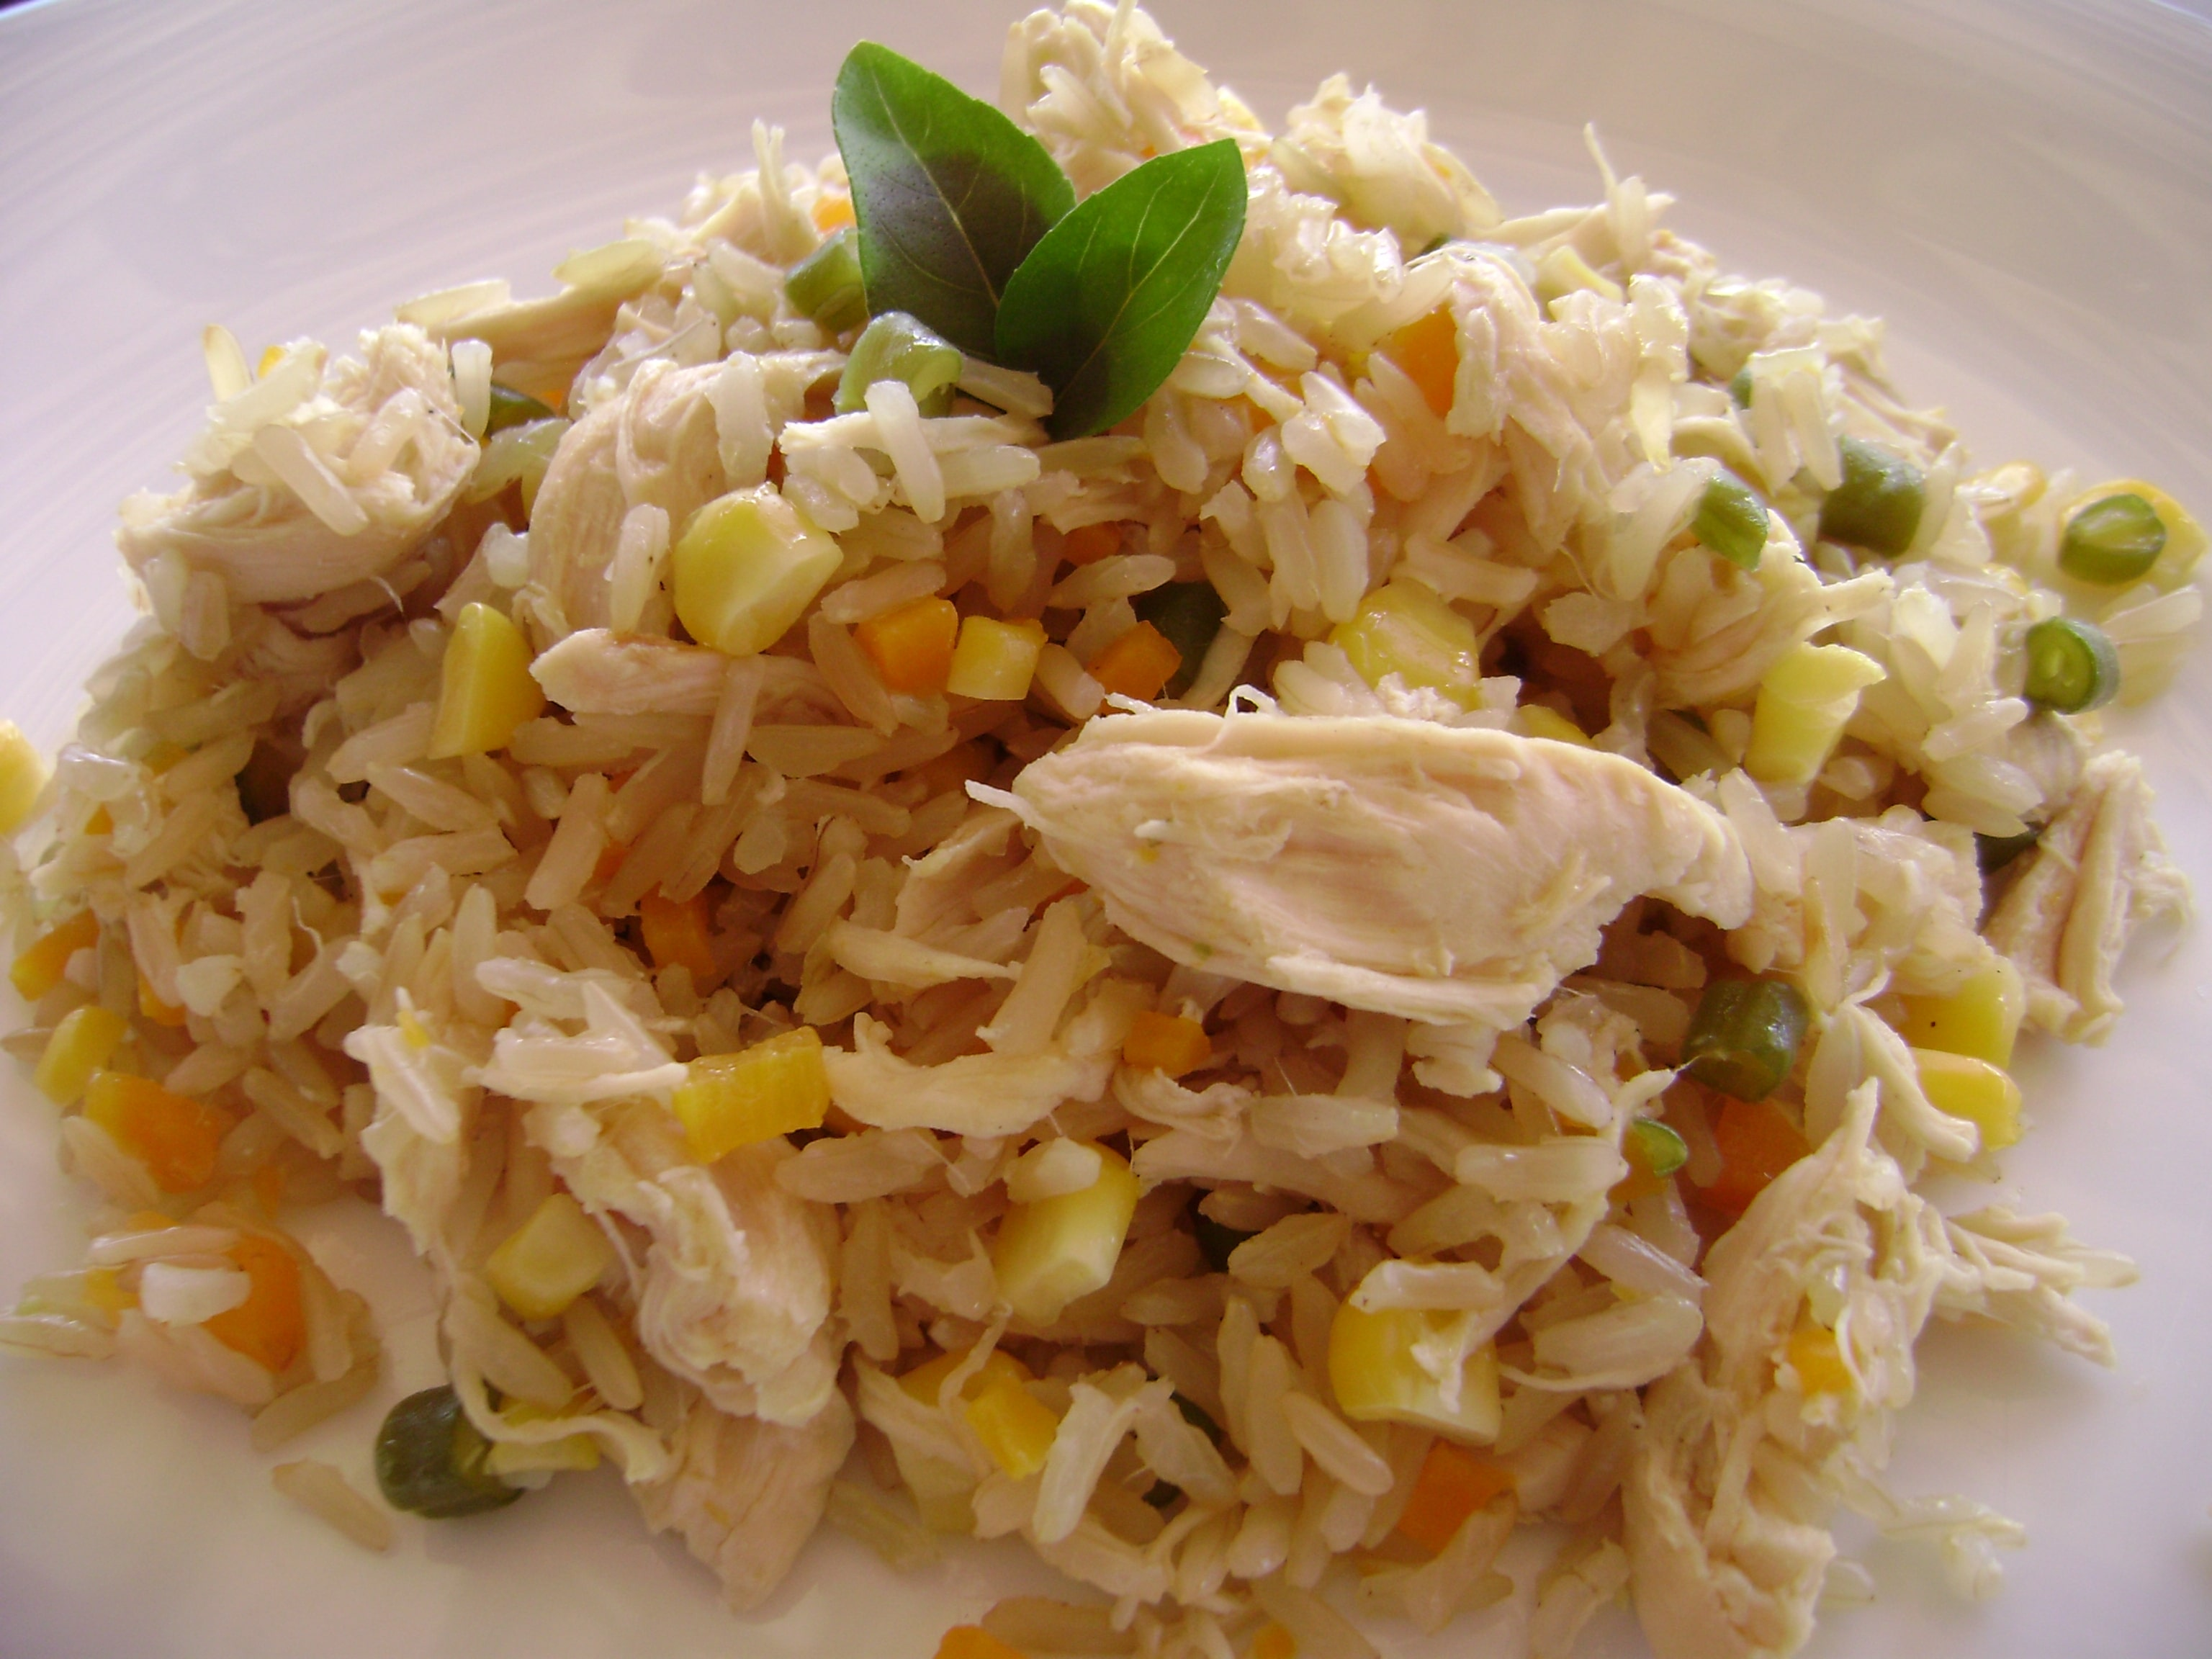 arroz com peito de frango